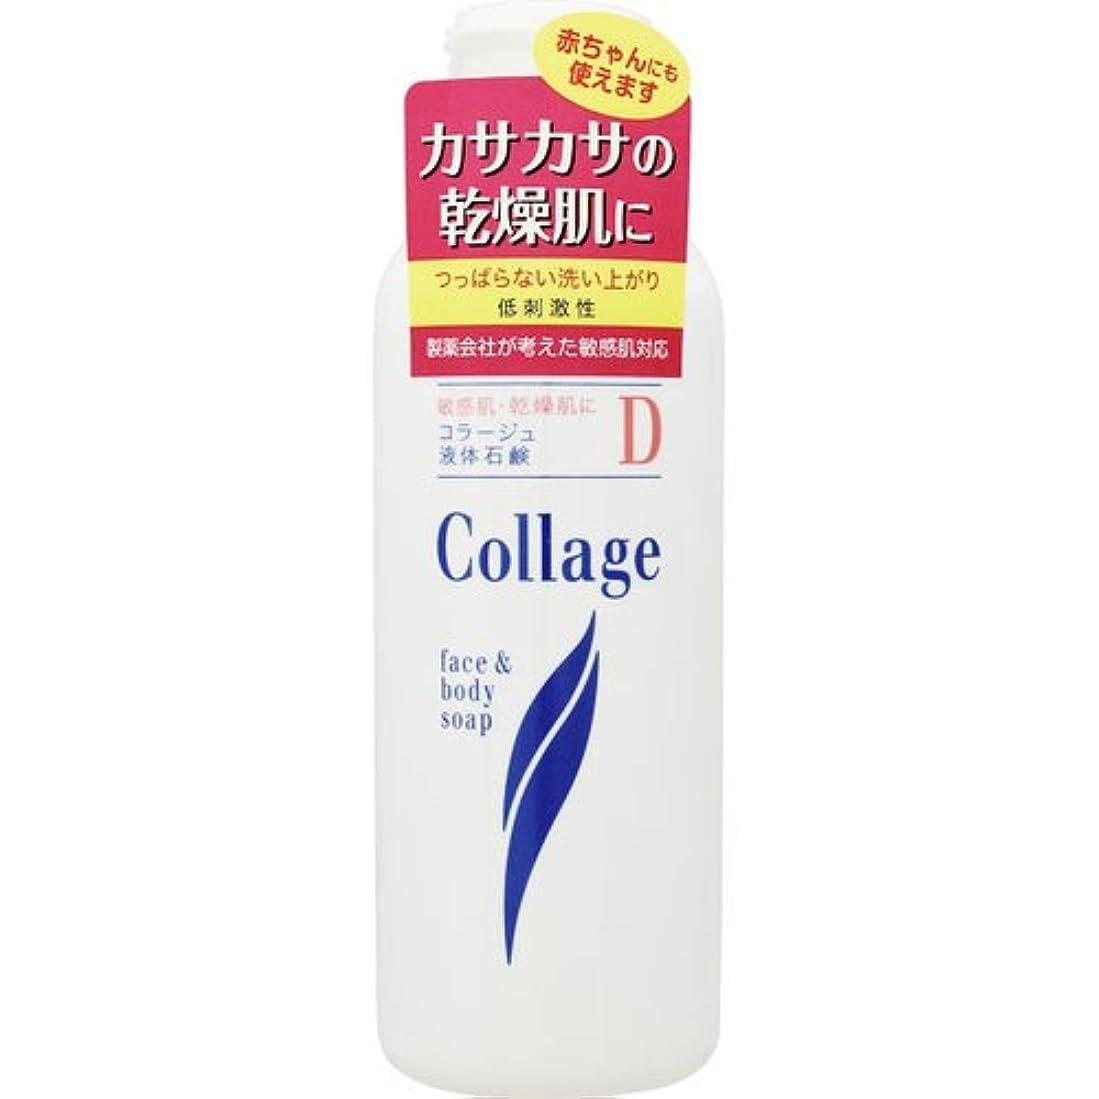 不条理貢献テスピアン持田ヘルスケア コラージュD液体石鹸 (200mL) 敏感肌 液体洗顔料 コラージュ